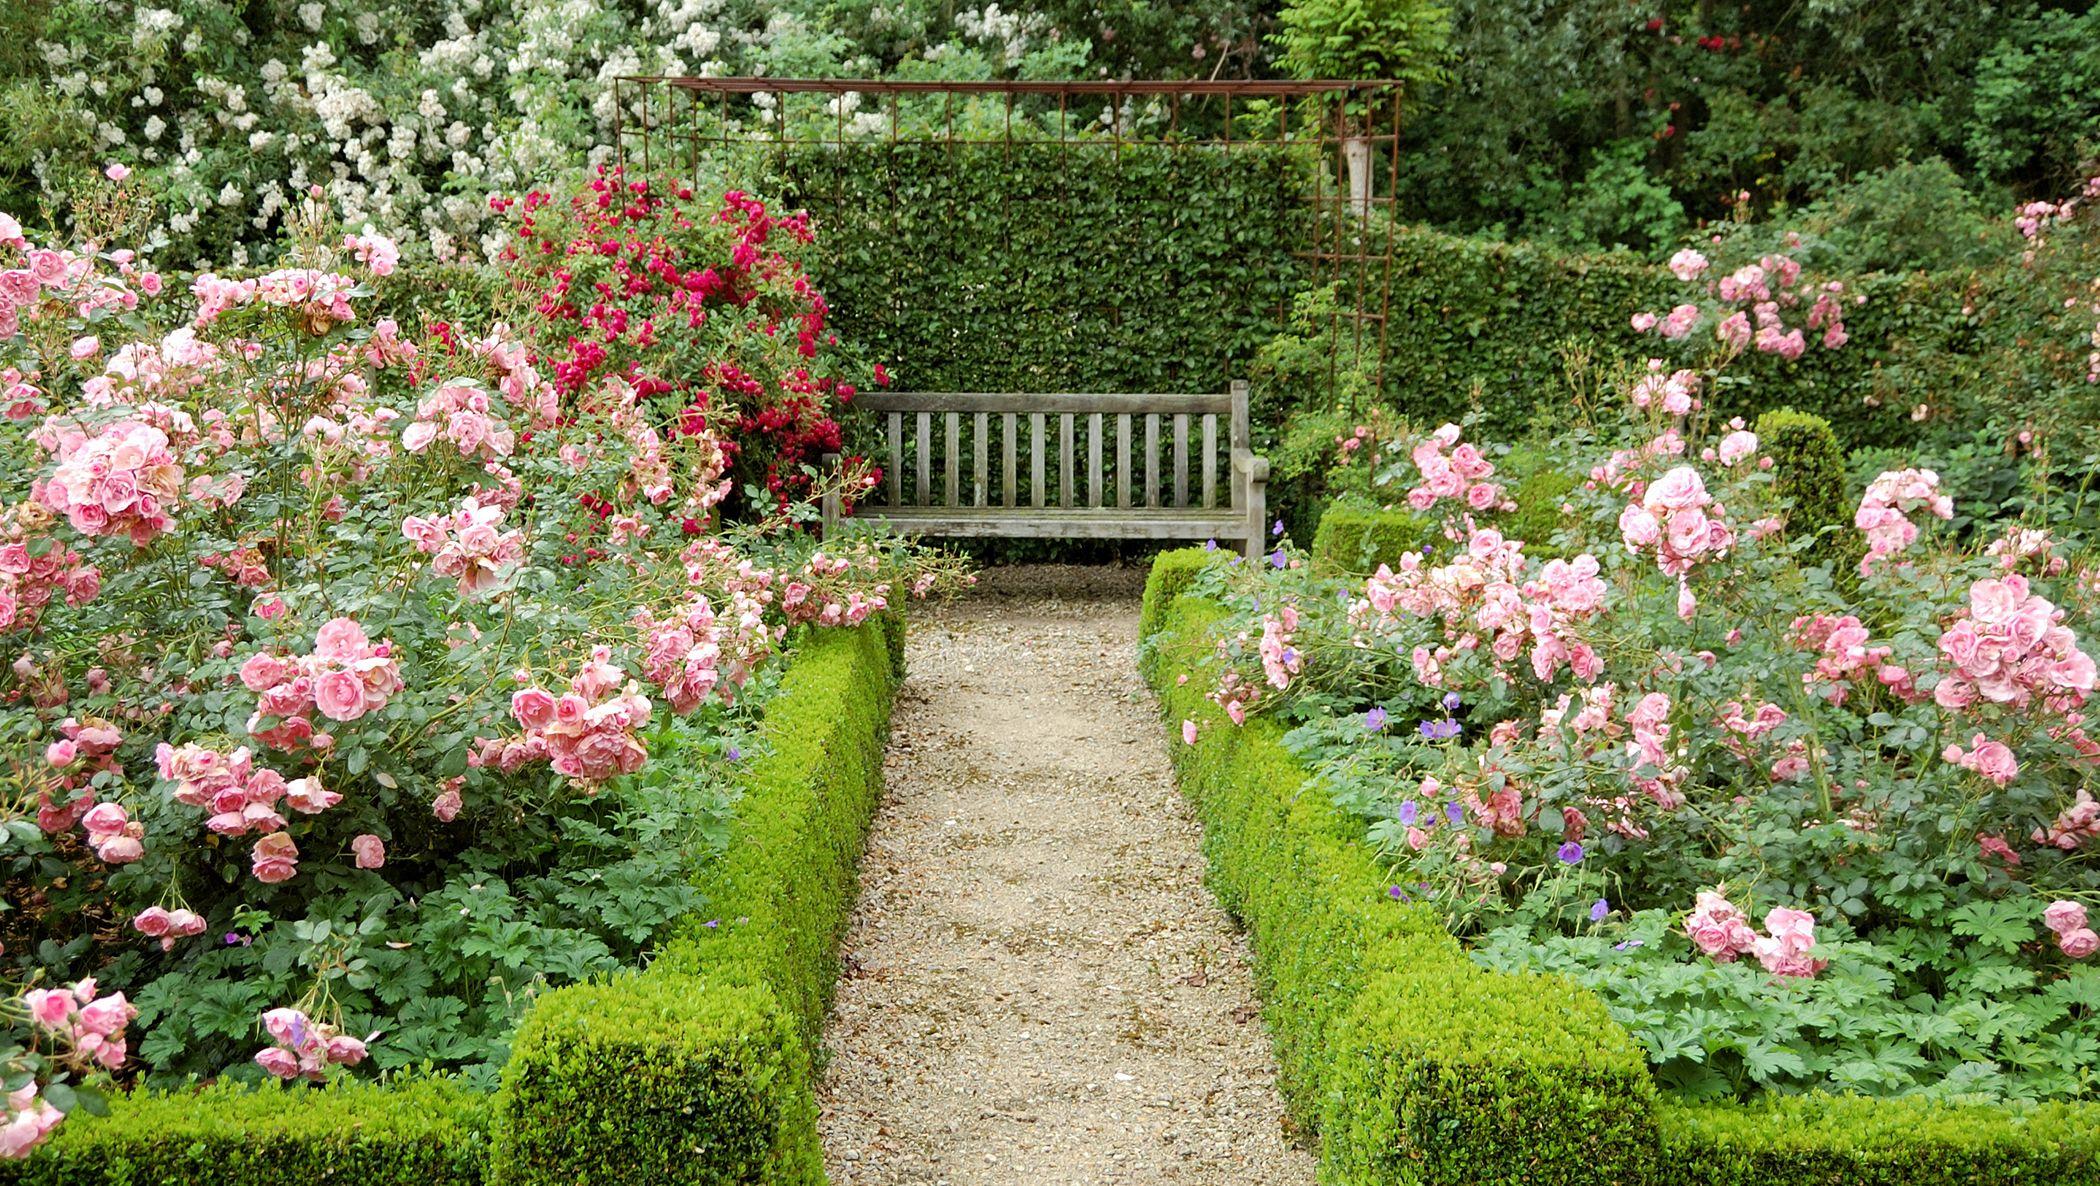 9 English Garden Design Ideas - How to Make an English Garden Landscape